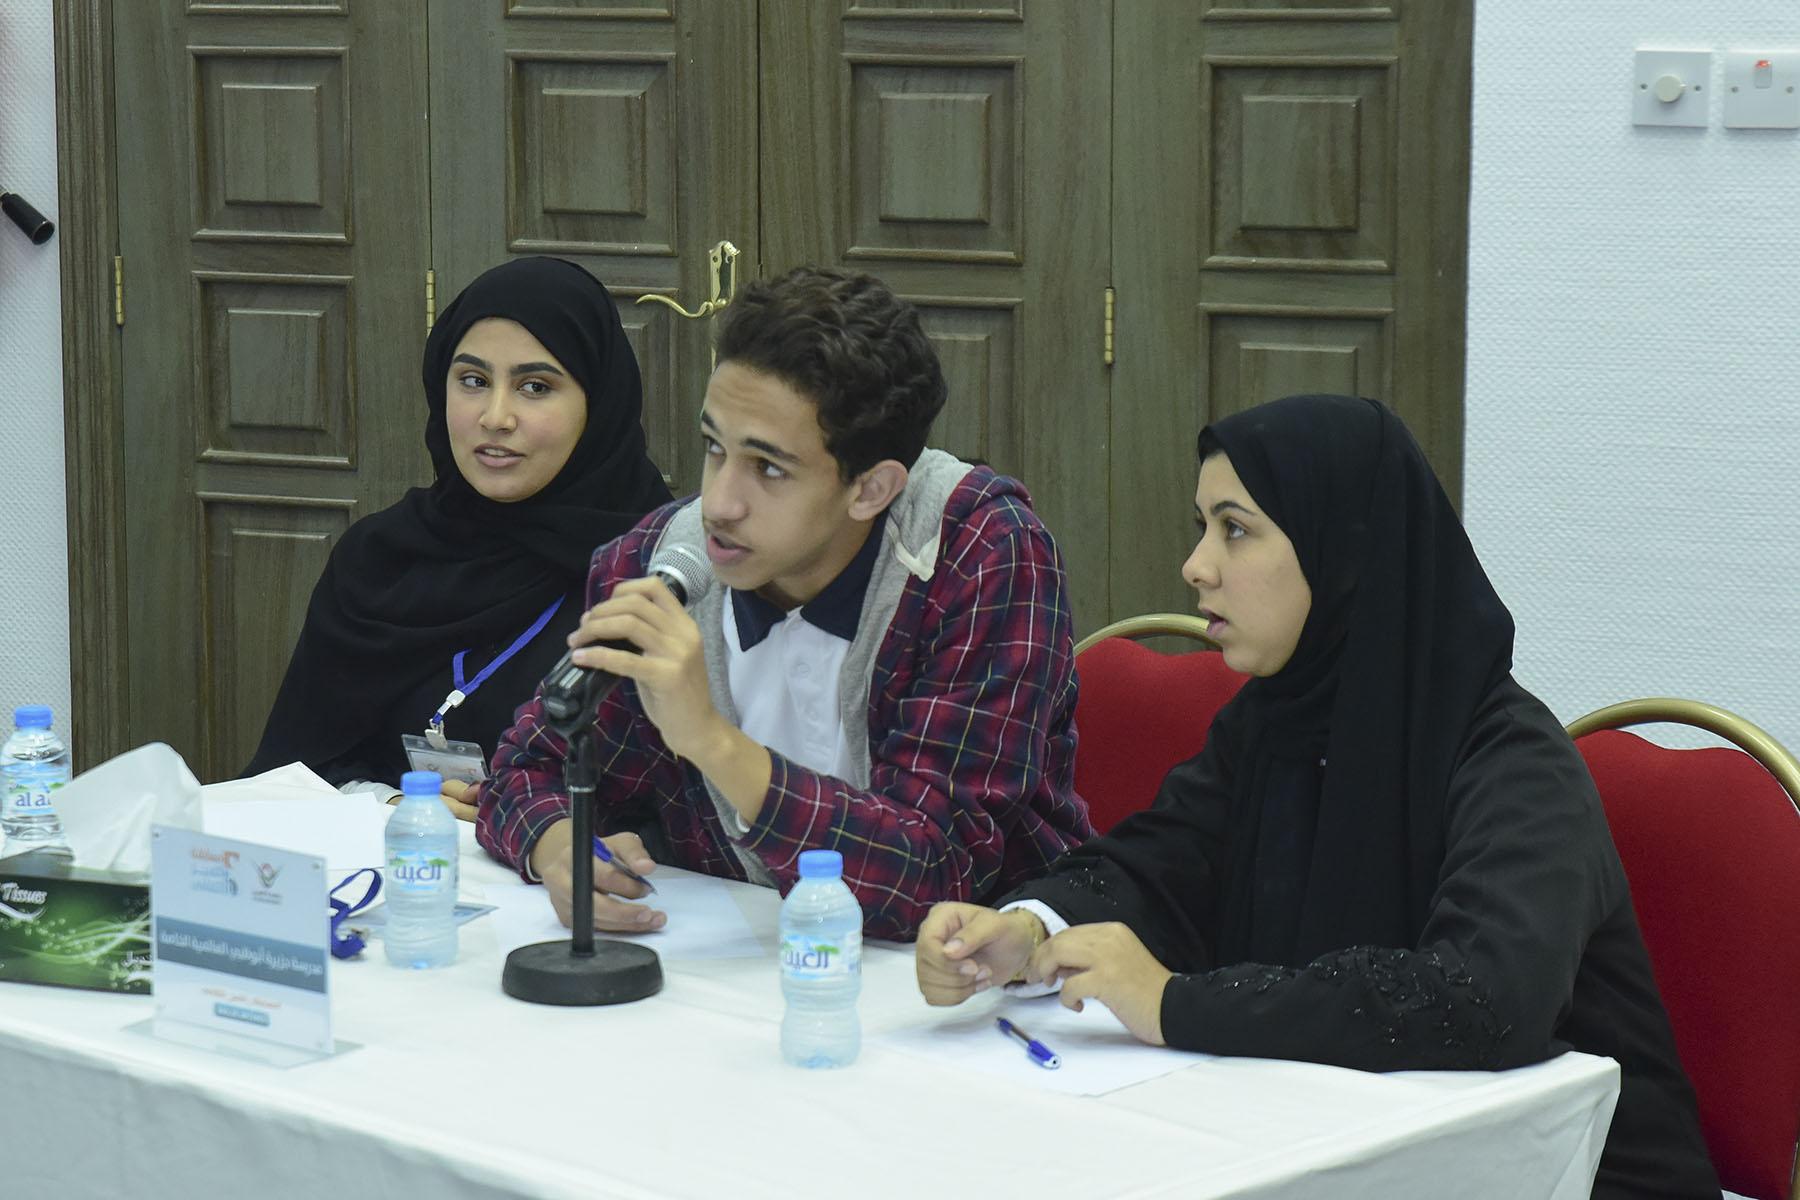 اليوم الثالث (مدرسة جزيرة أبوظبي العالمية الخاصة ضد مدرسة صقر الامارات الدولية الخاصة)